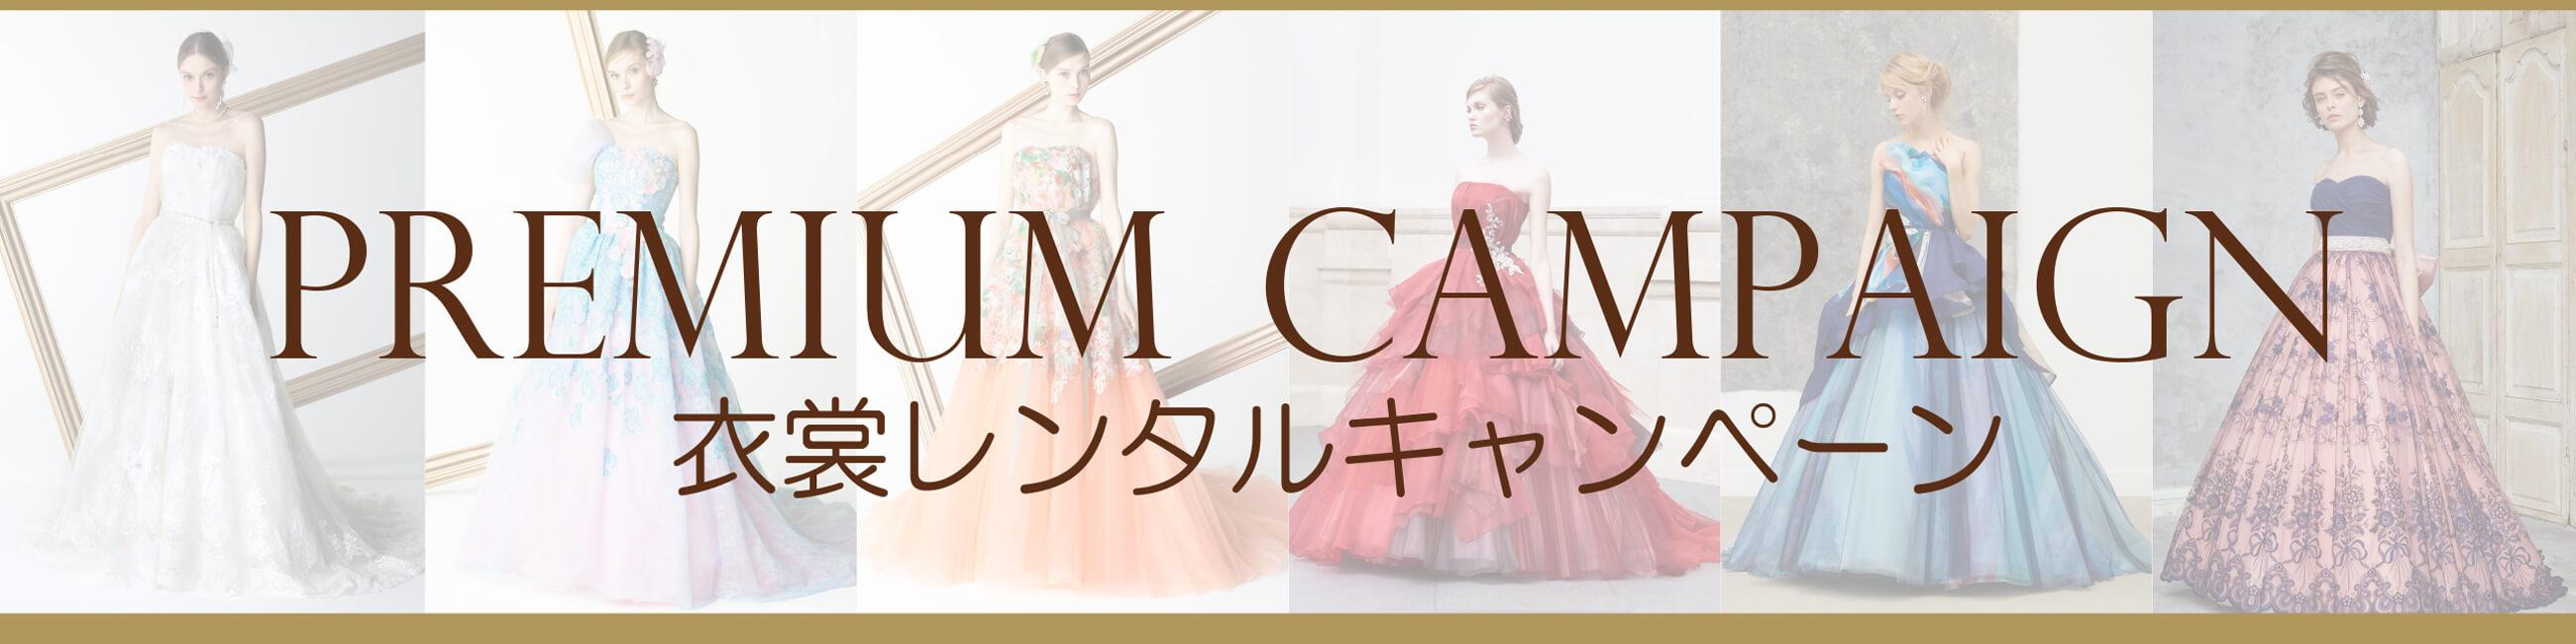 PREMIUM Campaign